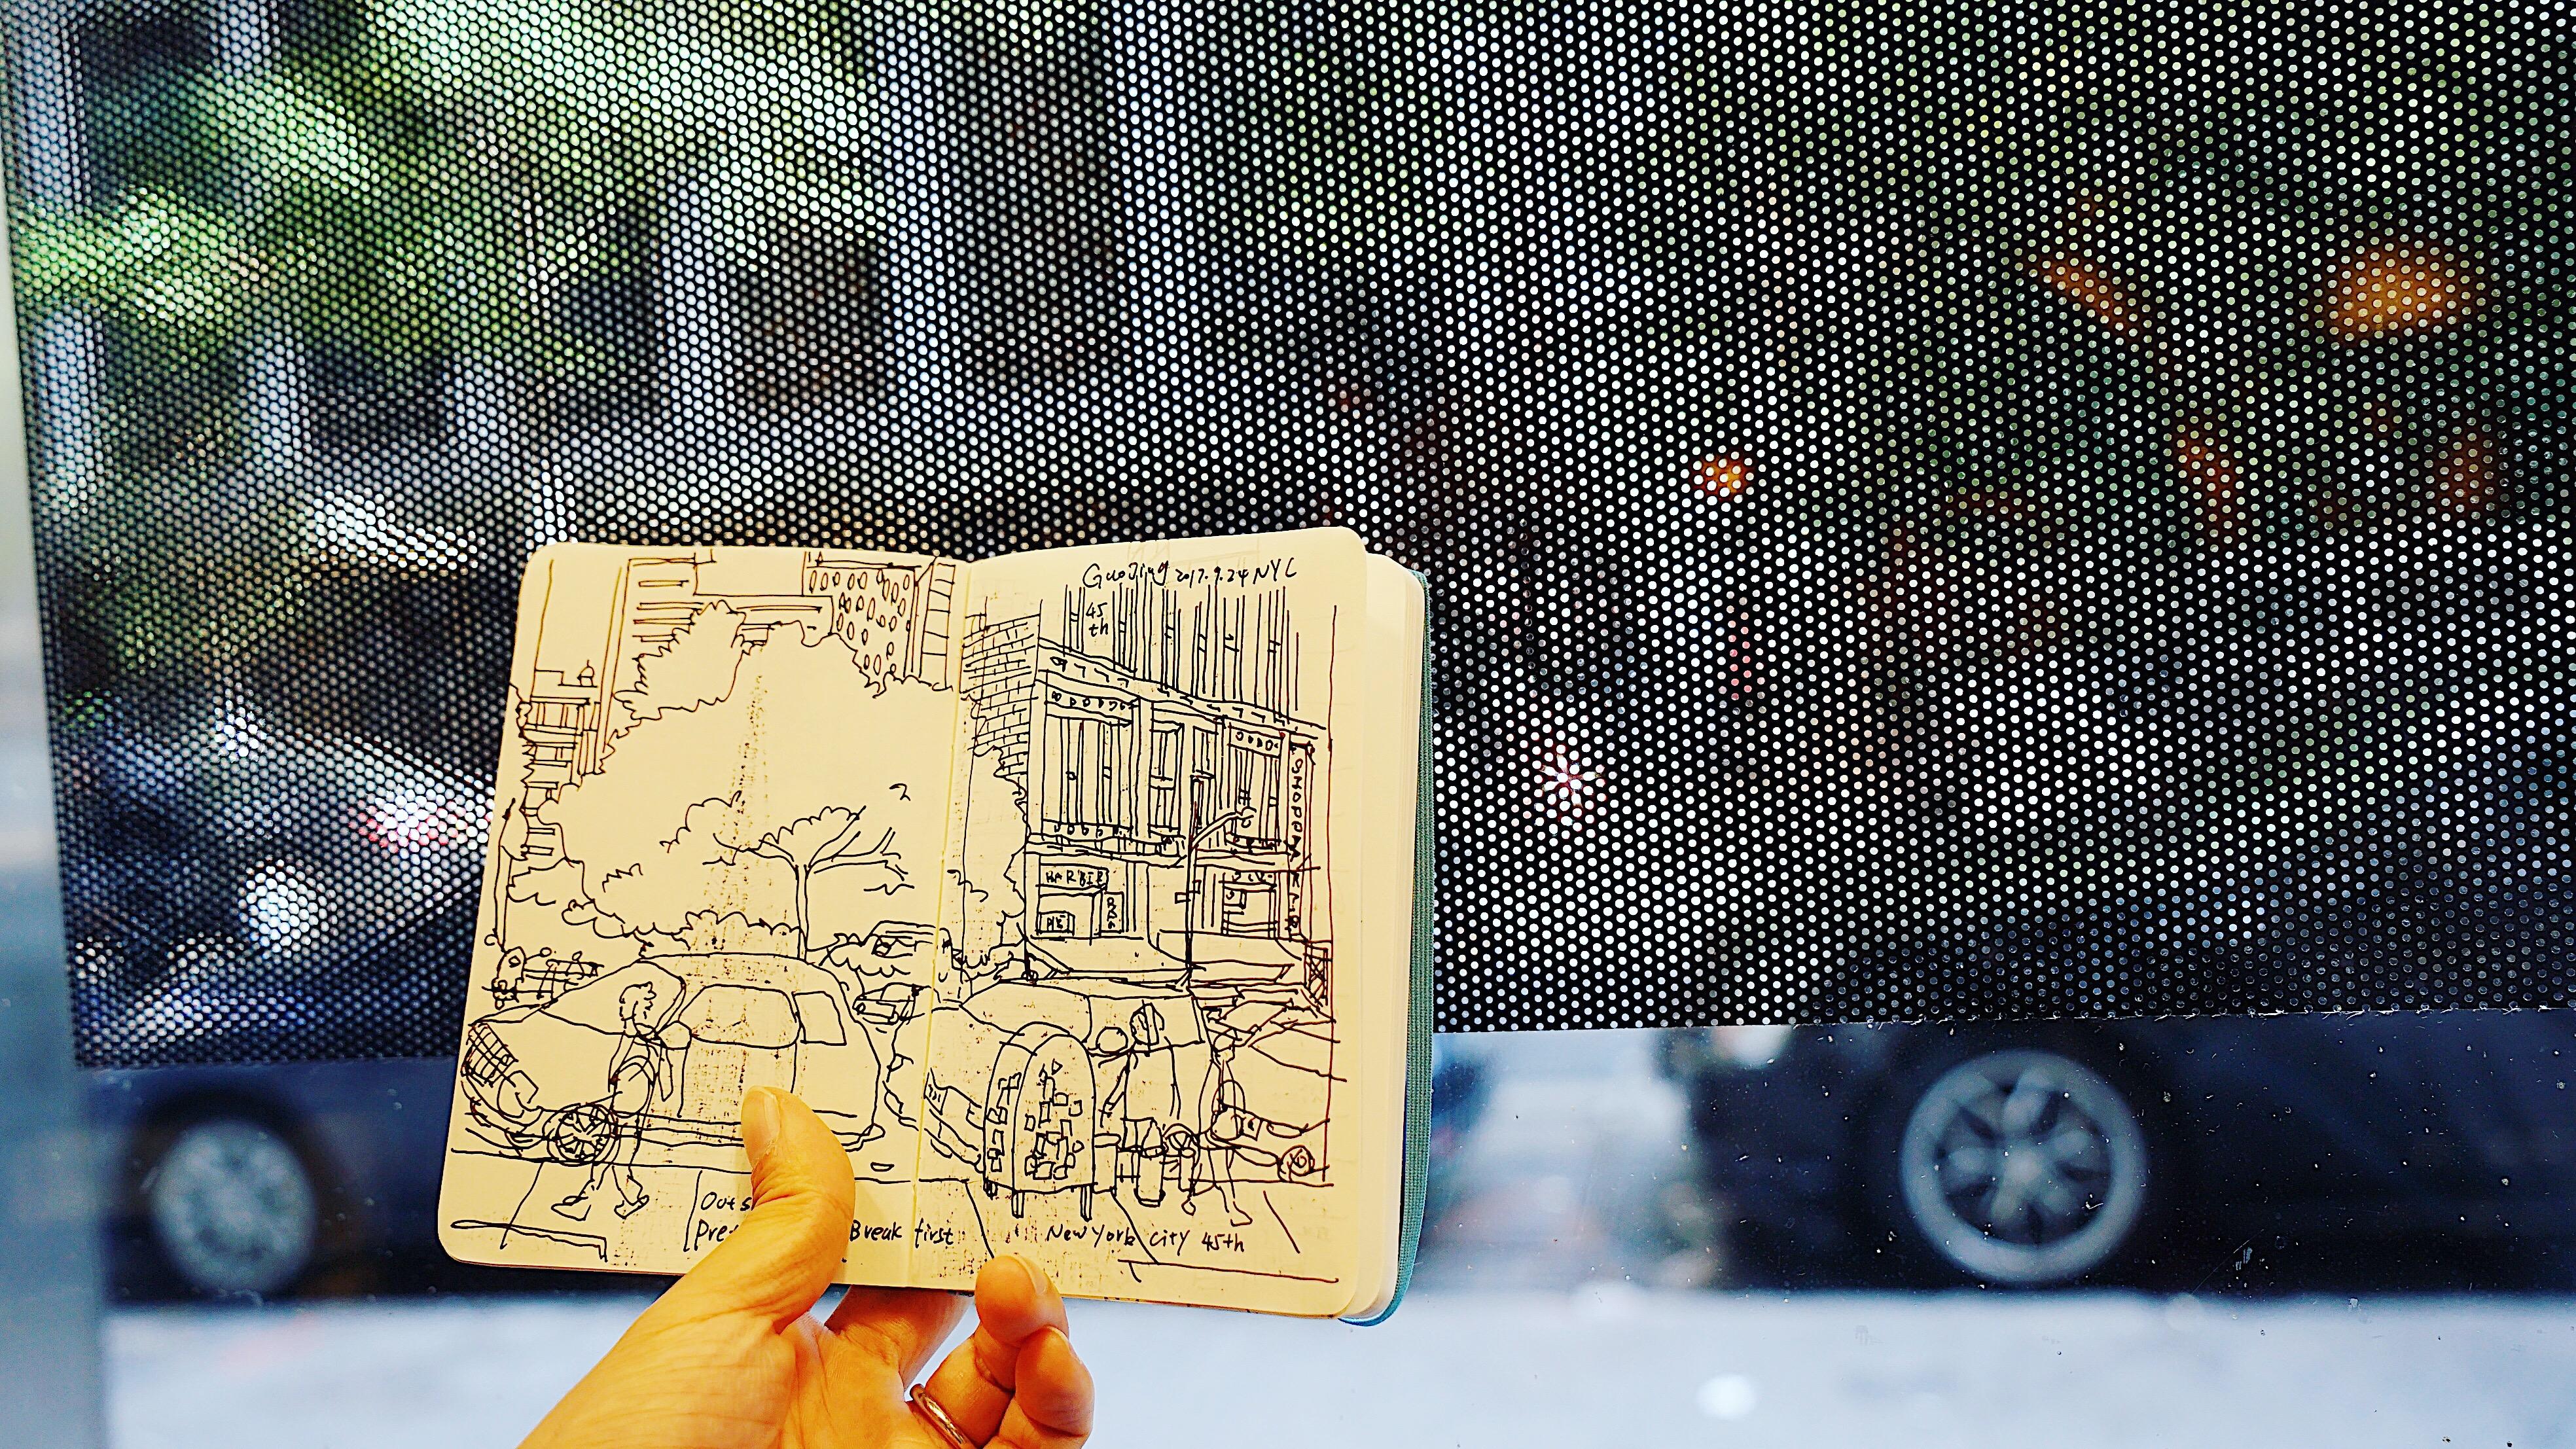 Sketching at street